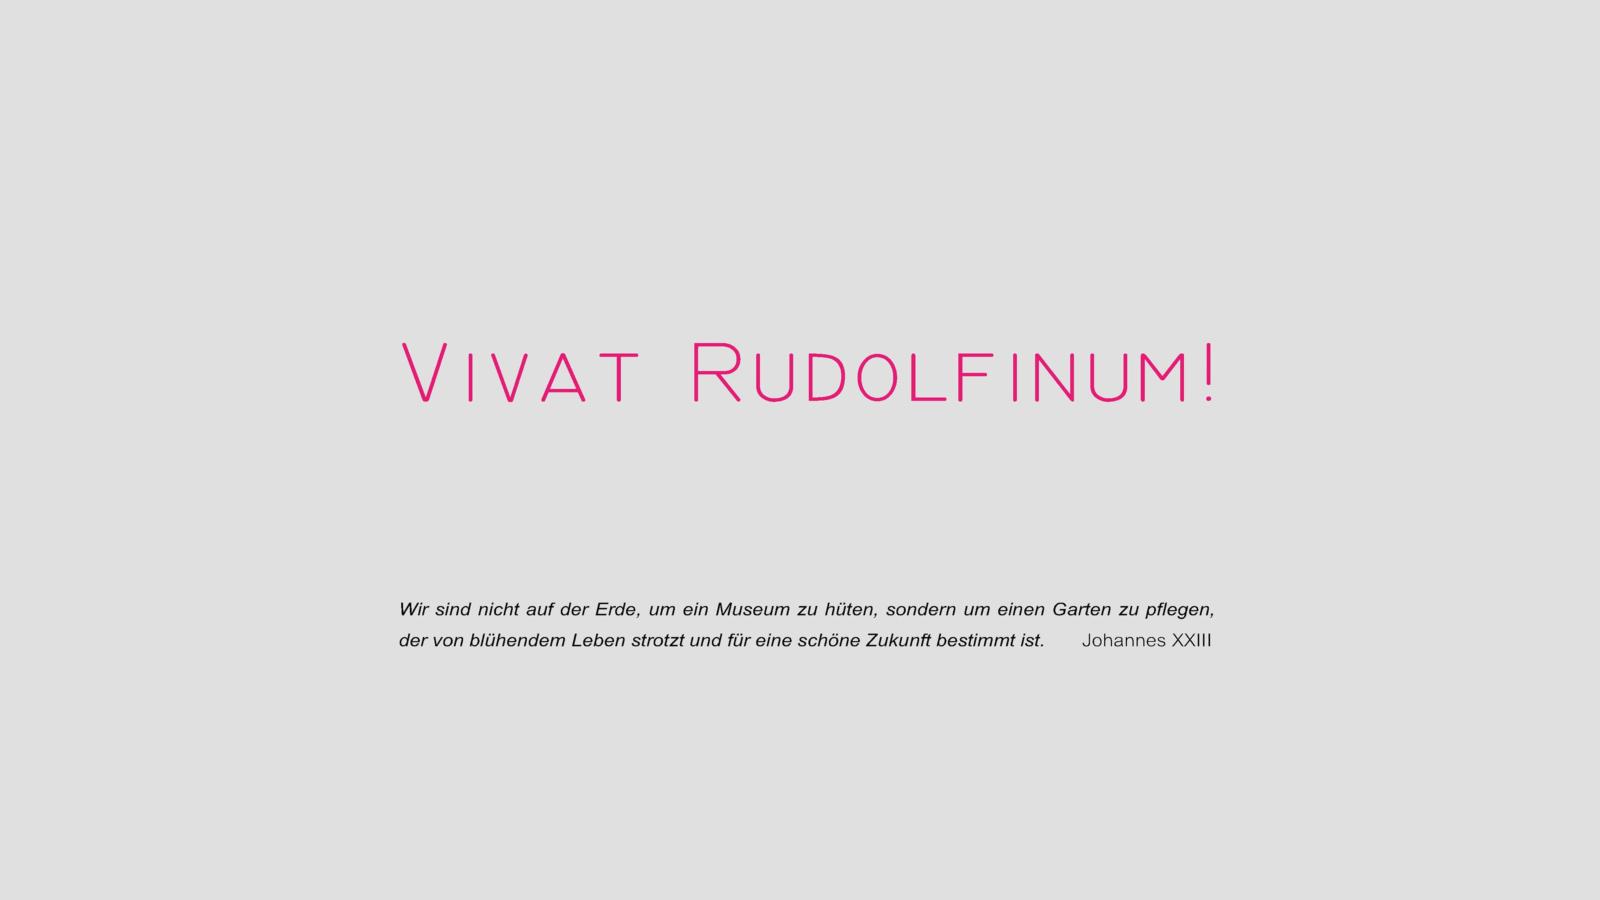 RUDOLFINUM_VIVAT